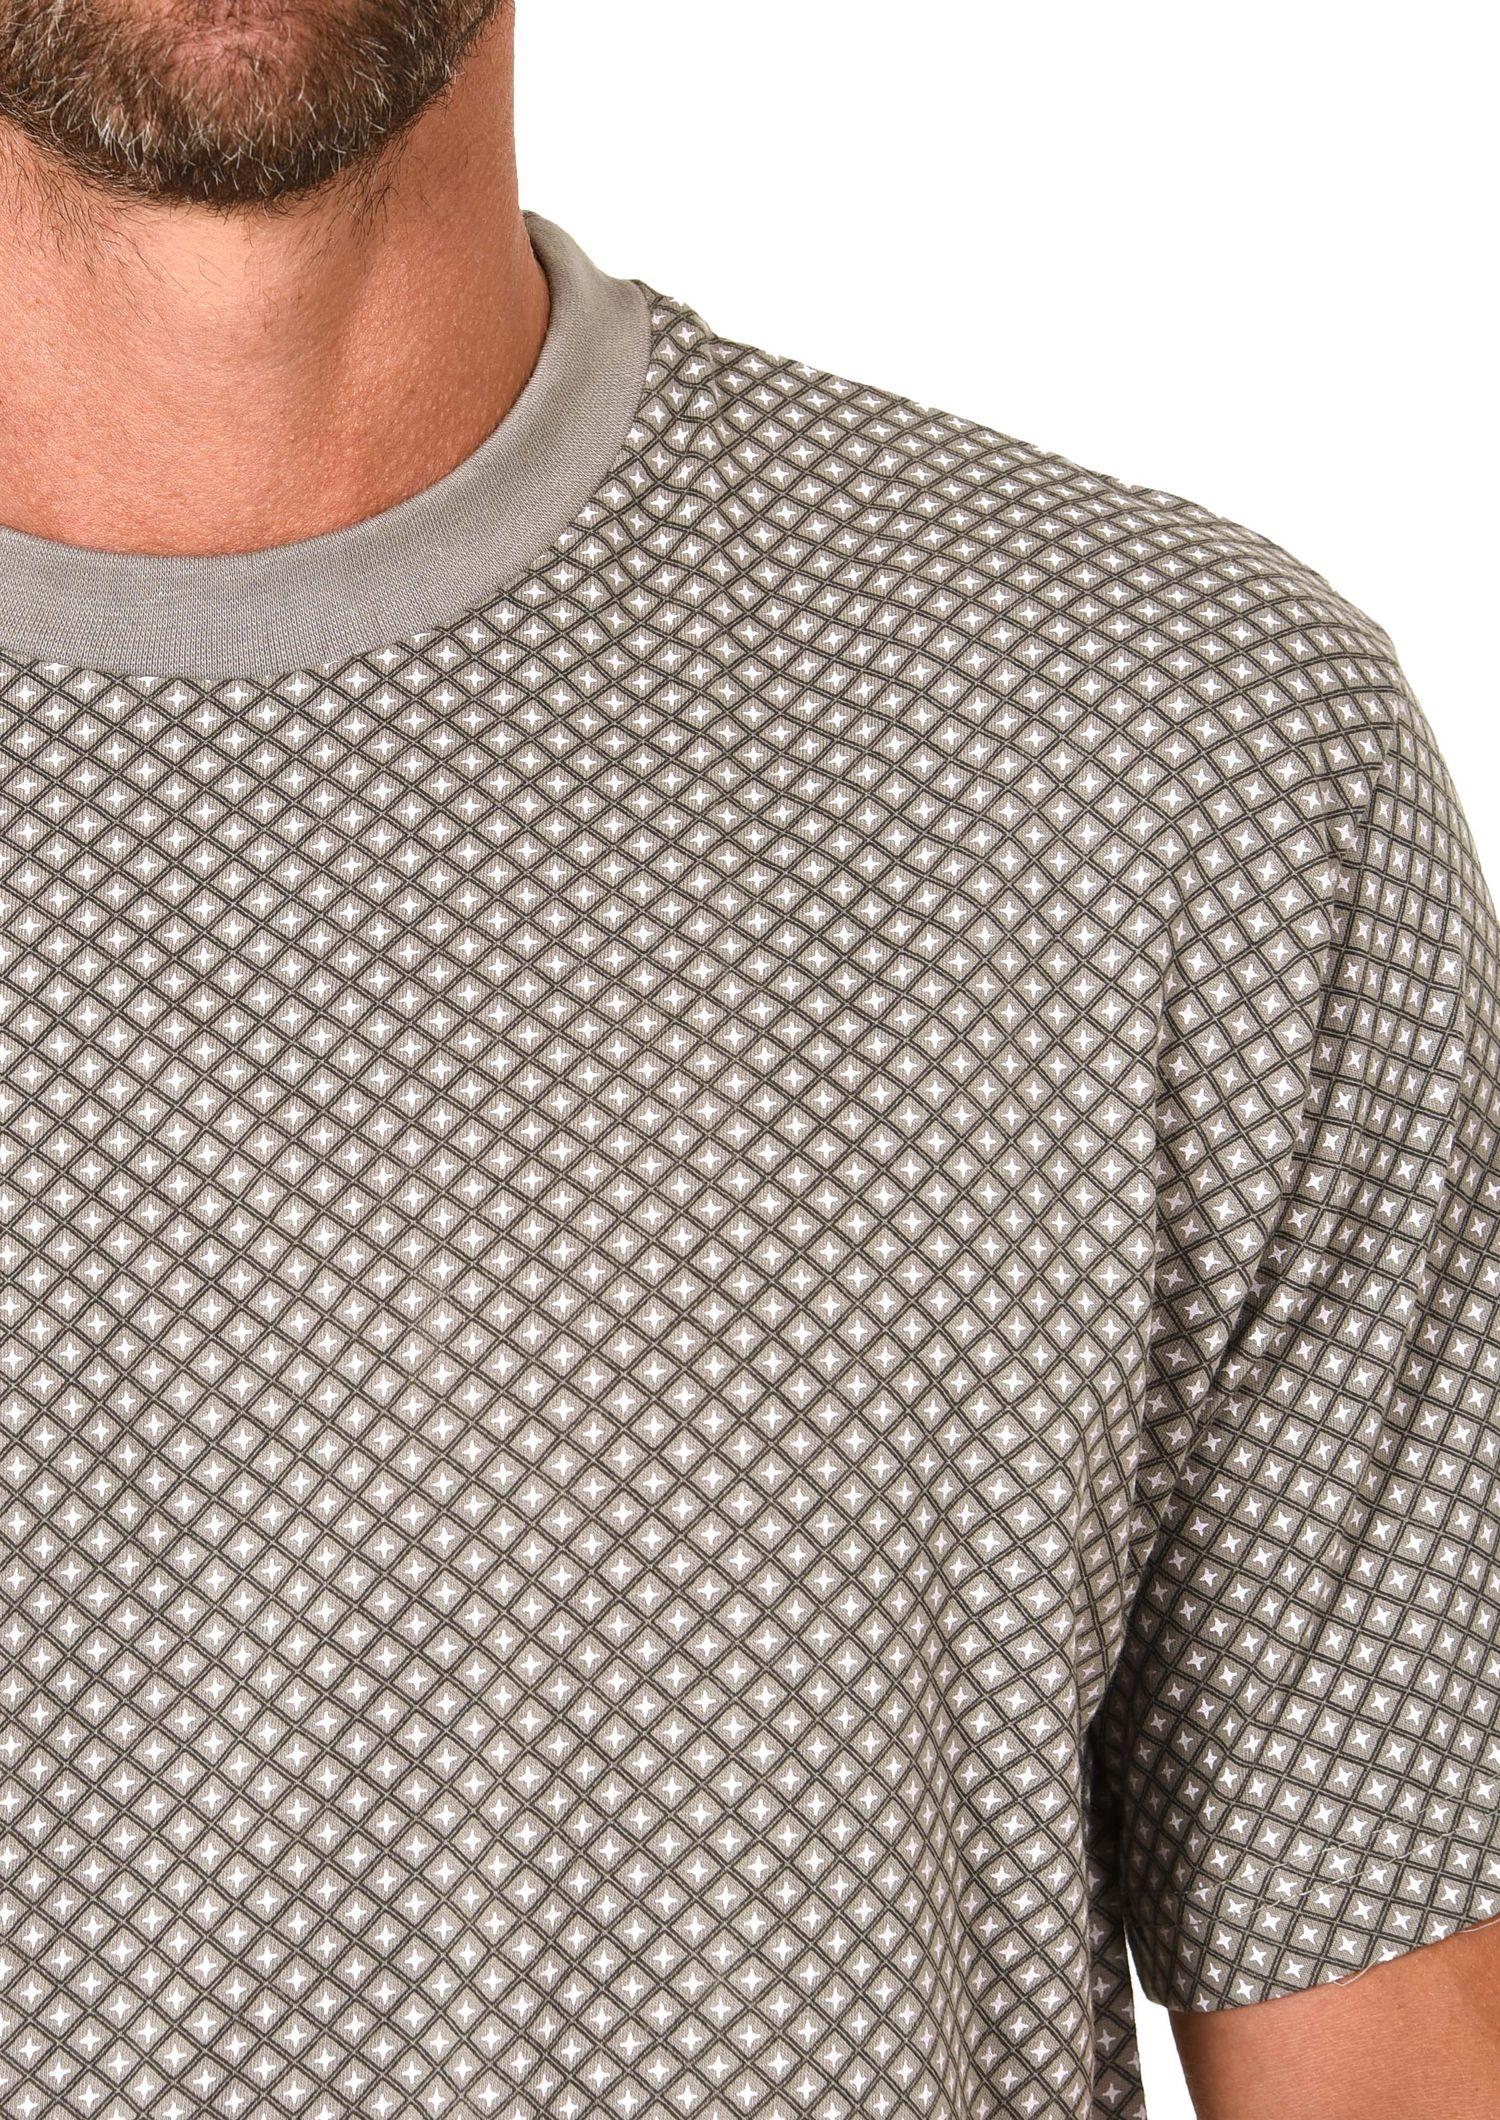 Eleganter Herren Shorty kurzarm Pyjama Schlafanzug  mit Rundhals 60845 – Bild 4